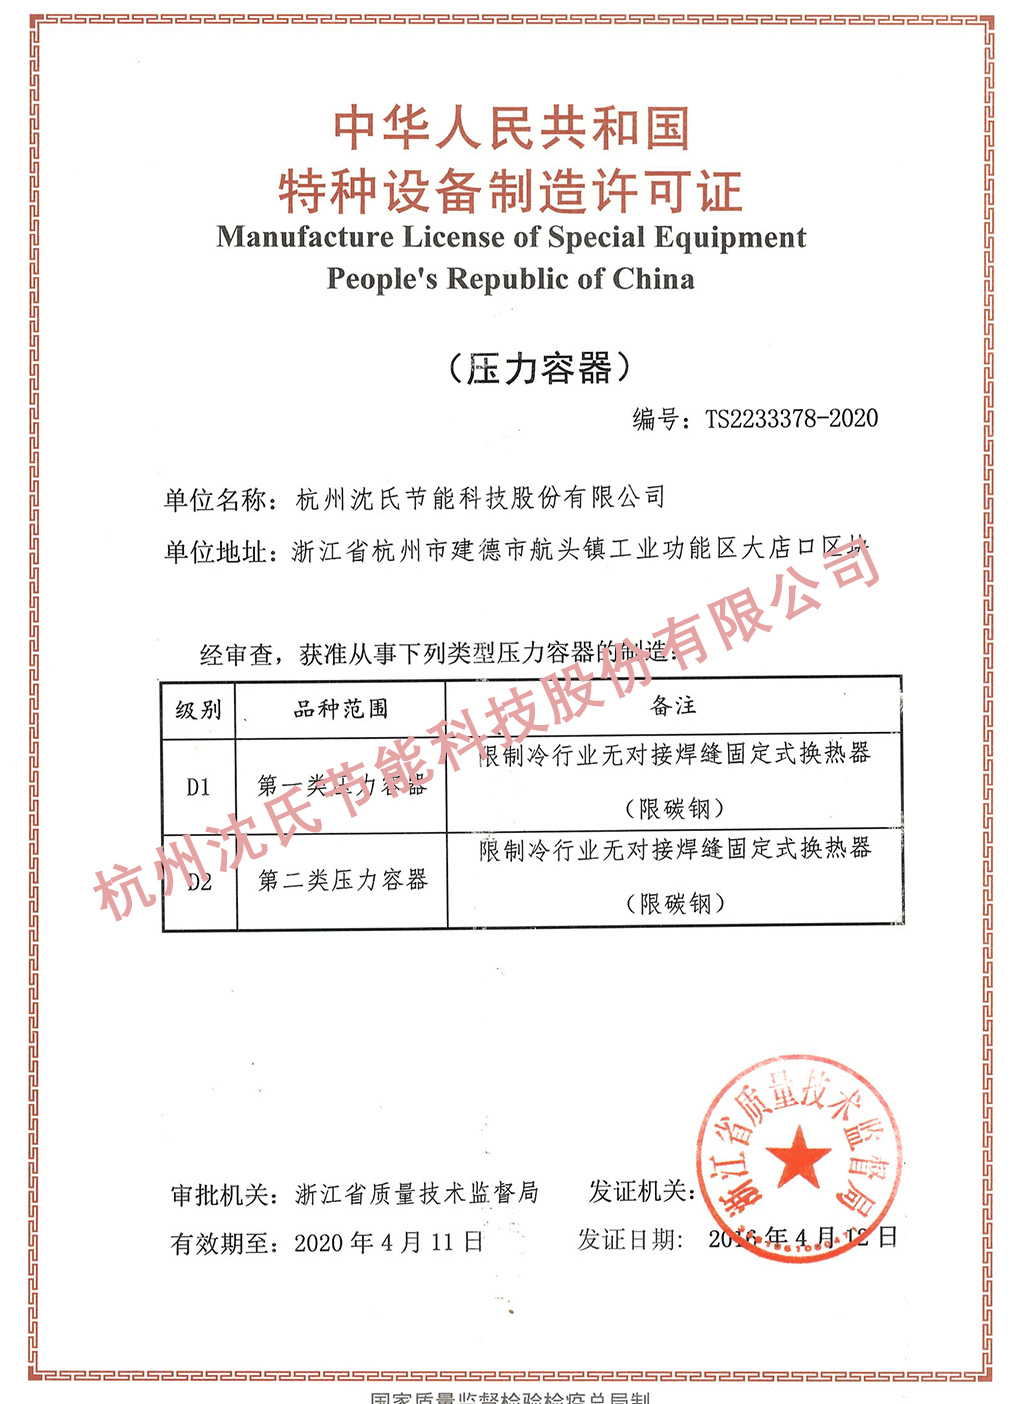 压力容器制造许可证书